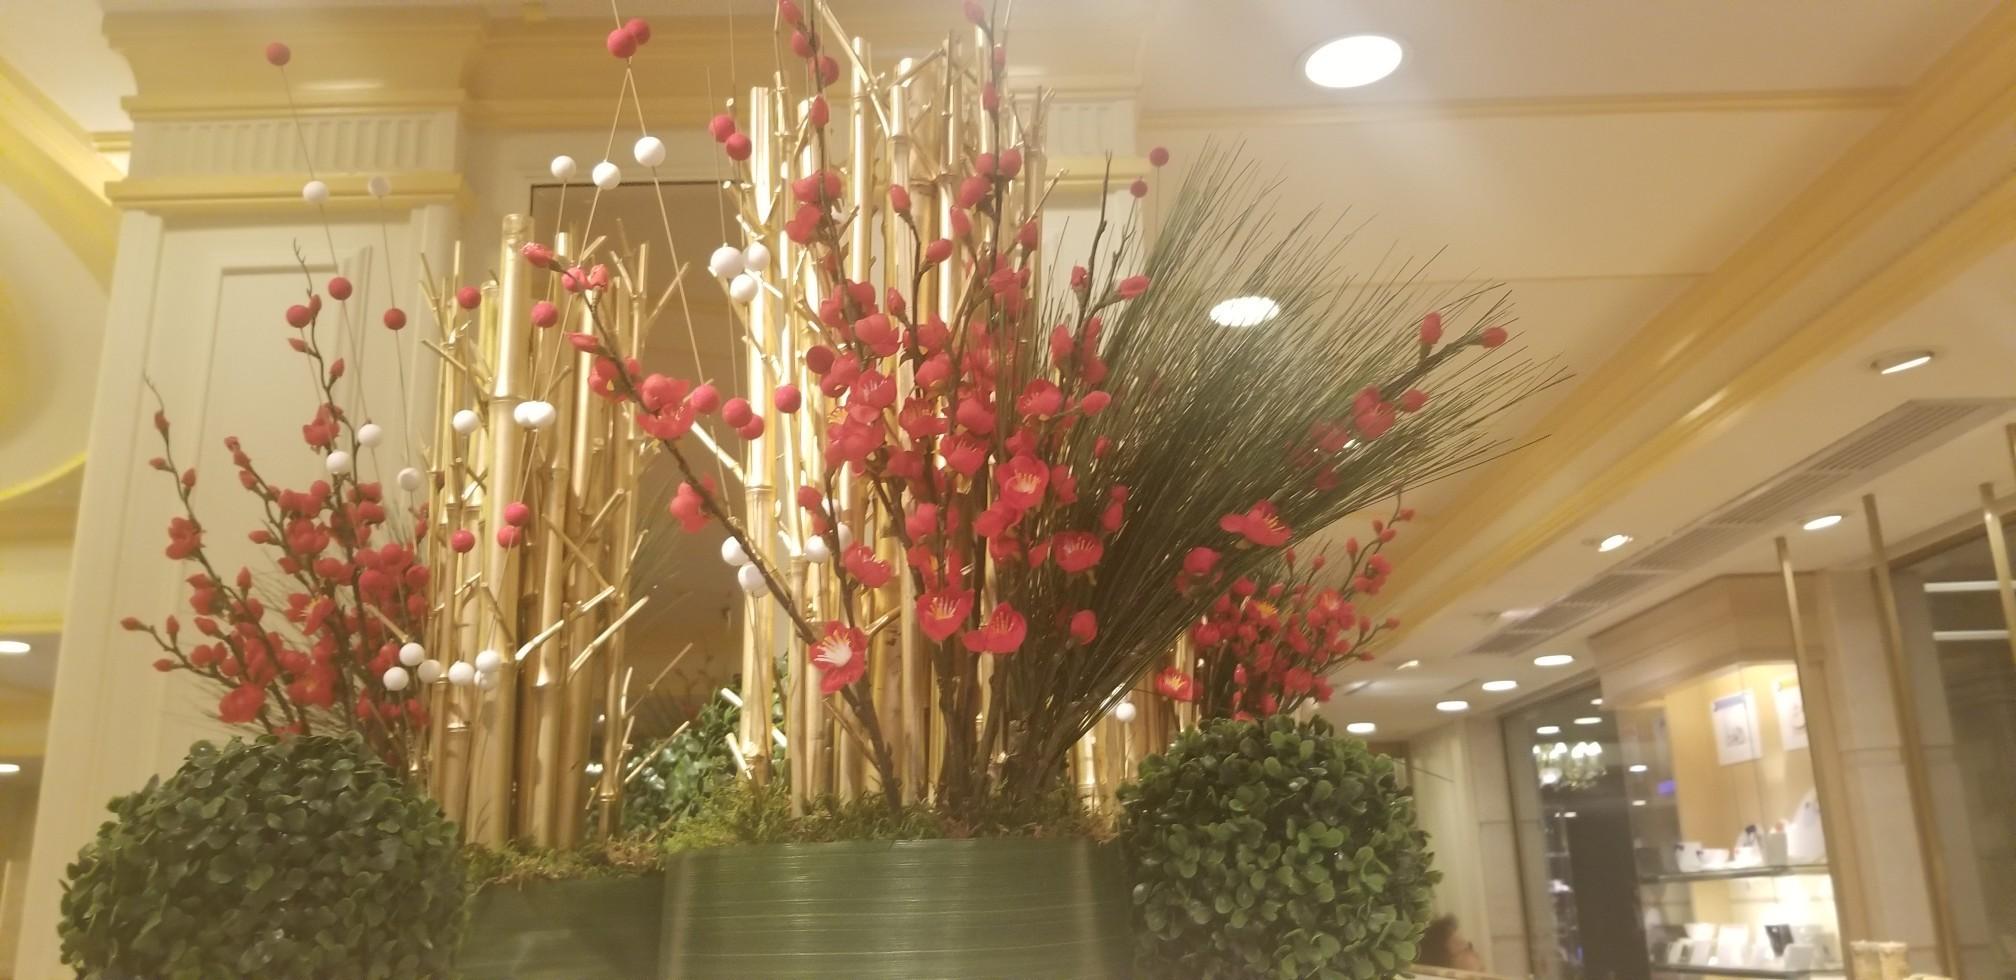 ♪いつまでもクリスマス★七海ひろきディナーショー_d0162225_18463248.jpg